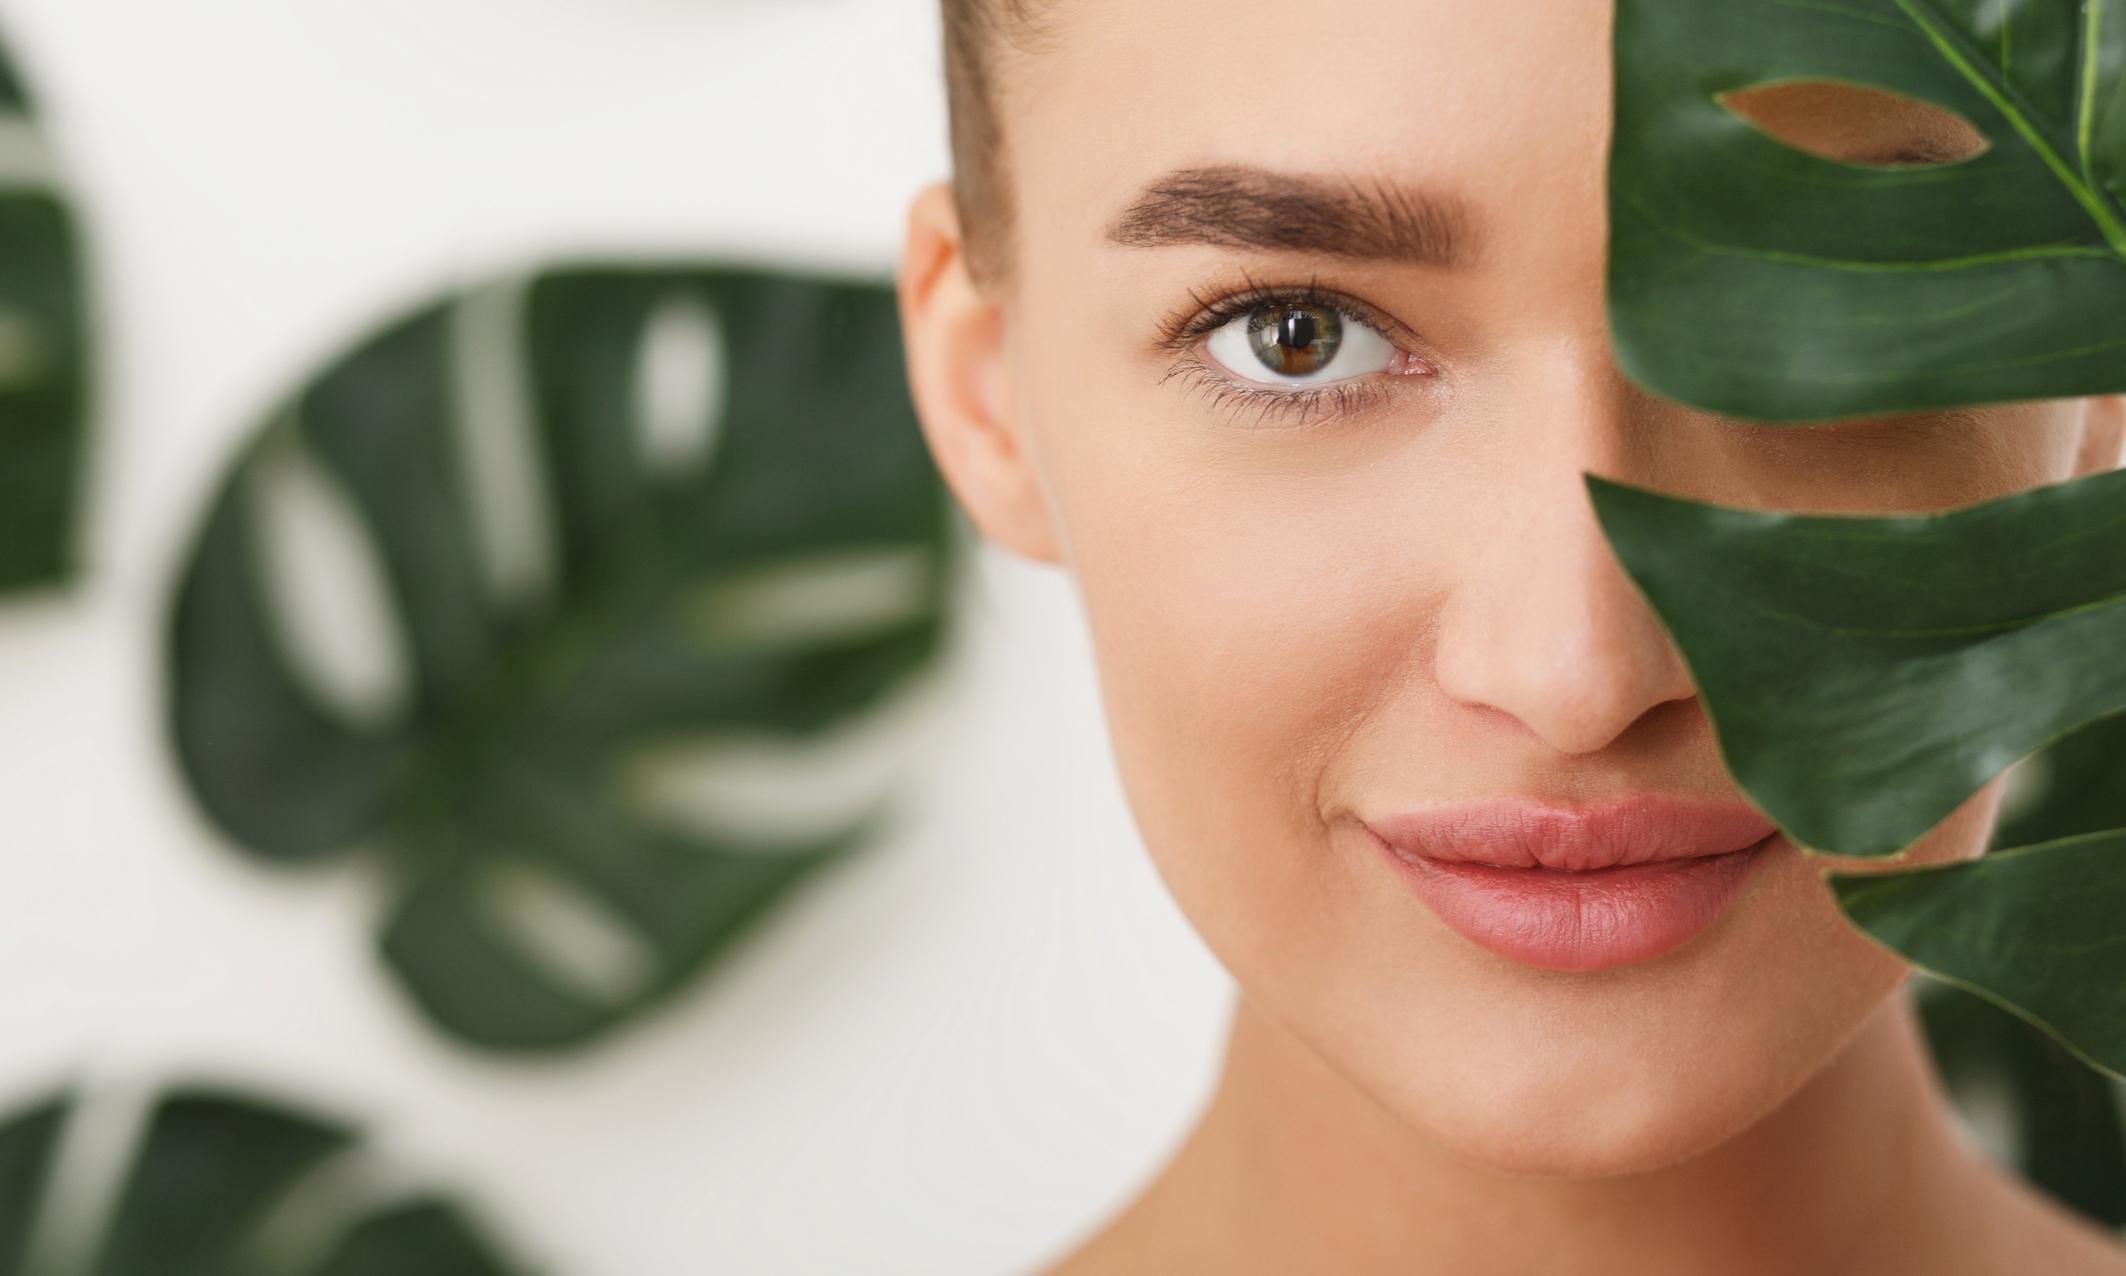 Вред или польза: как матирующие средства влияют на кожу